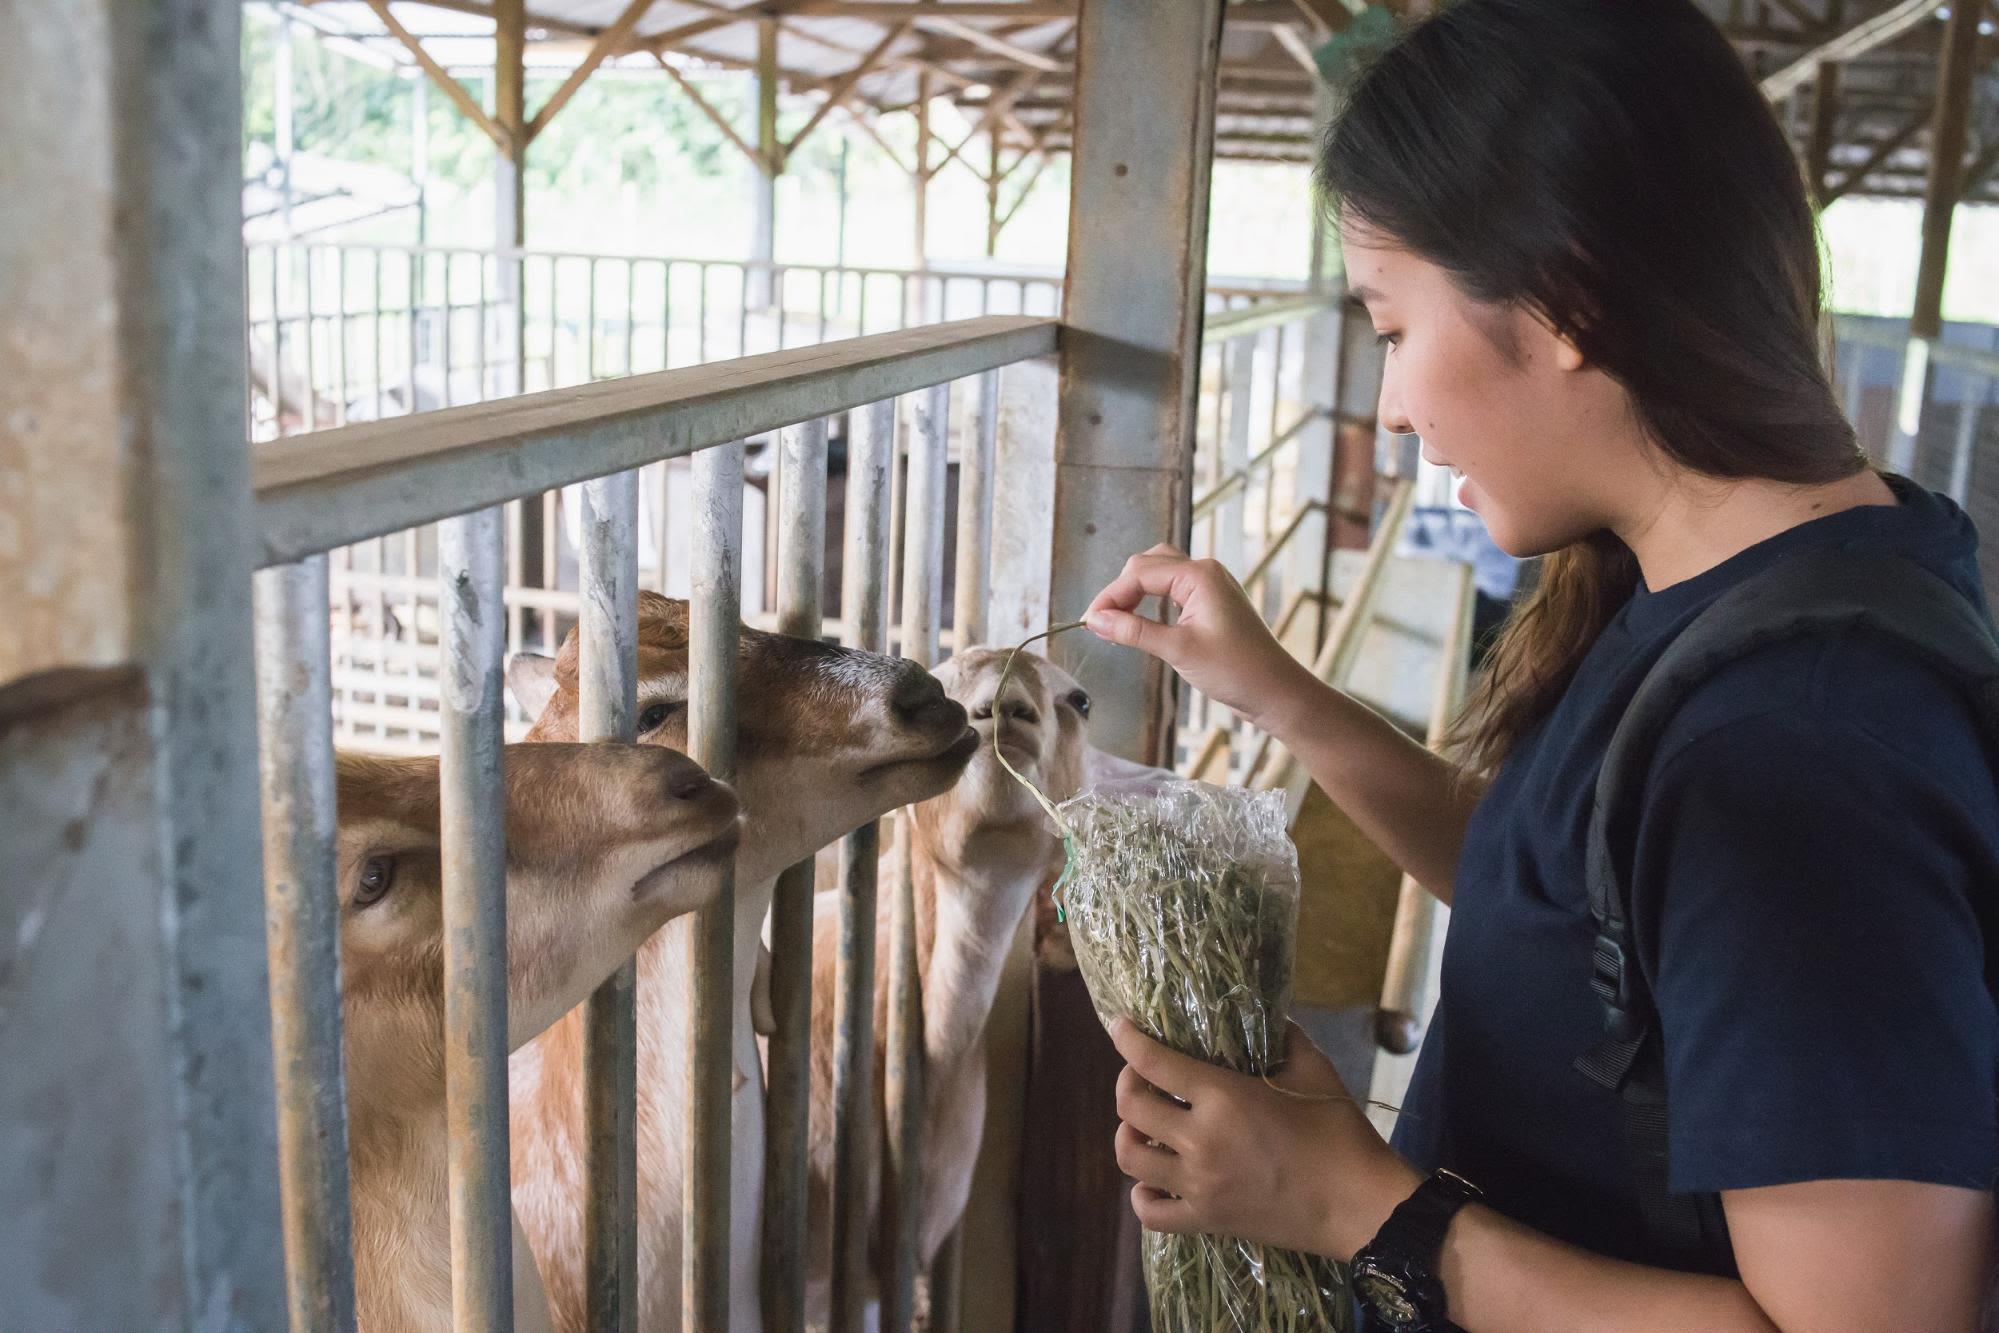 cho dê ăn ở trang trại sữa phía tây singapore